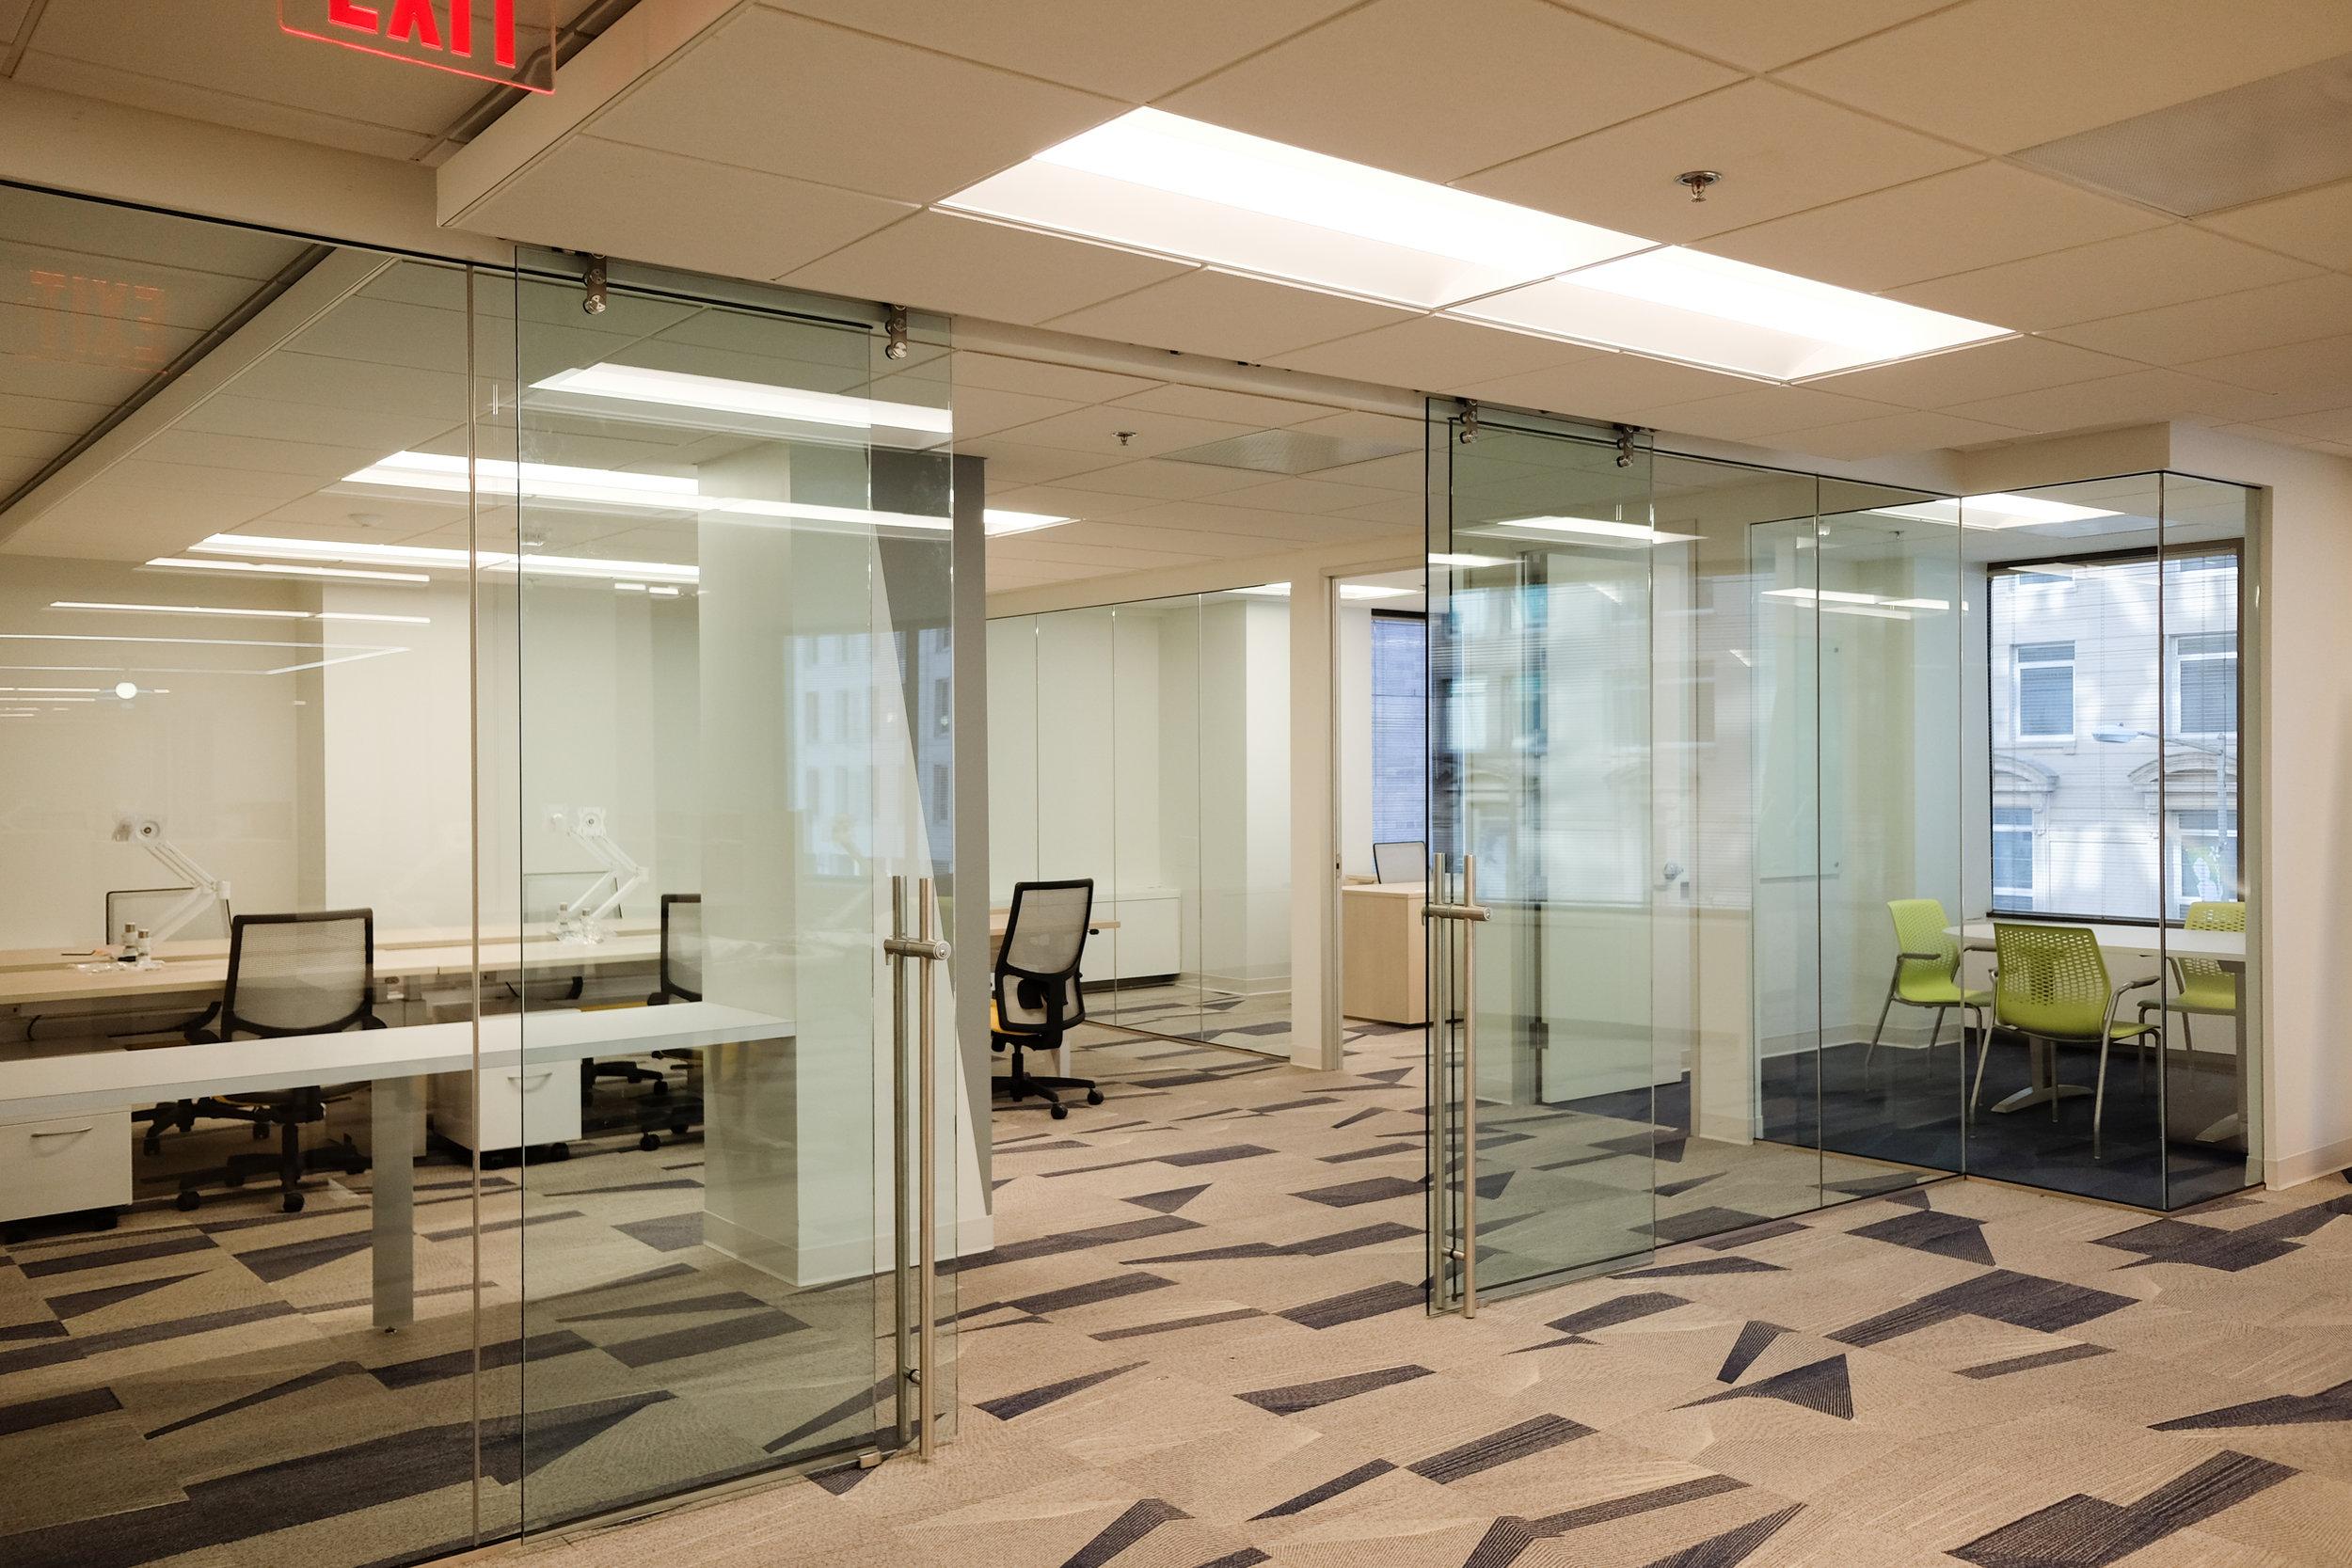 MHPA-OFFICE-INTERIOR-DESIGN-10.jpg